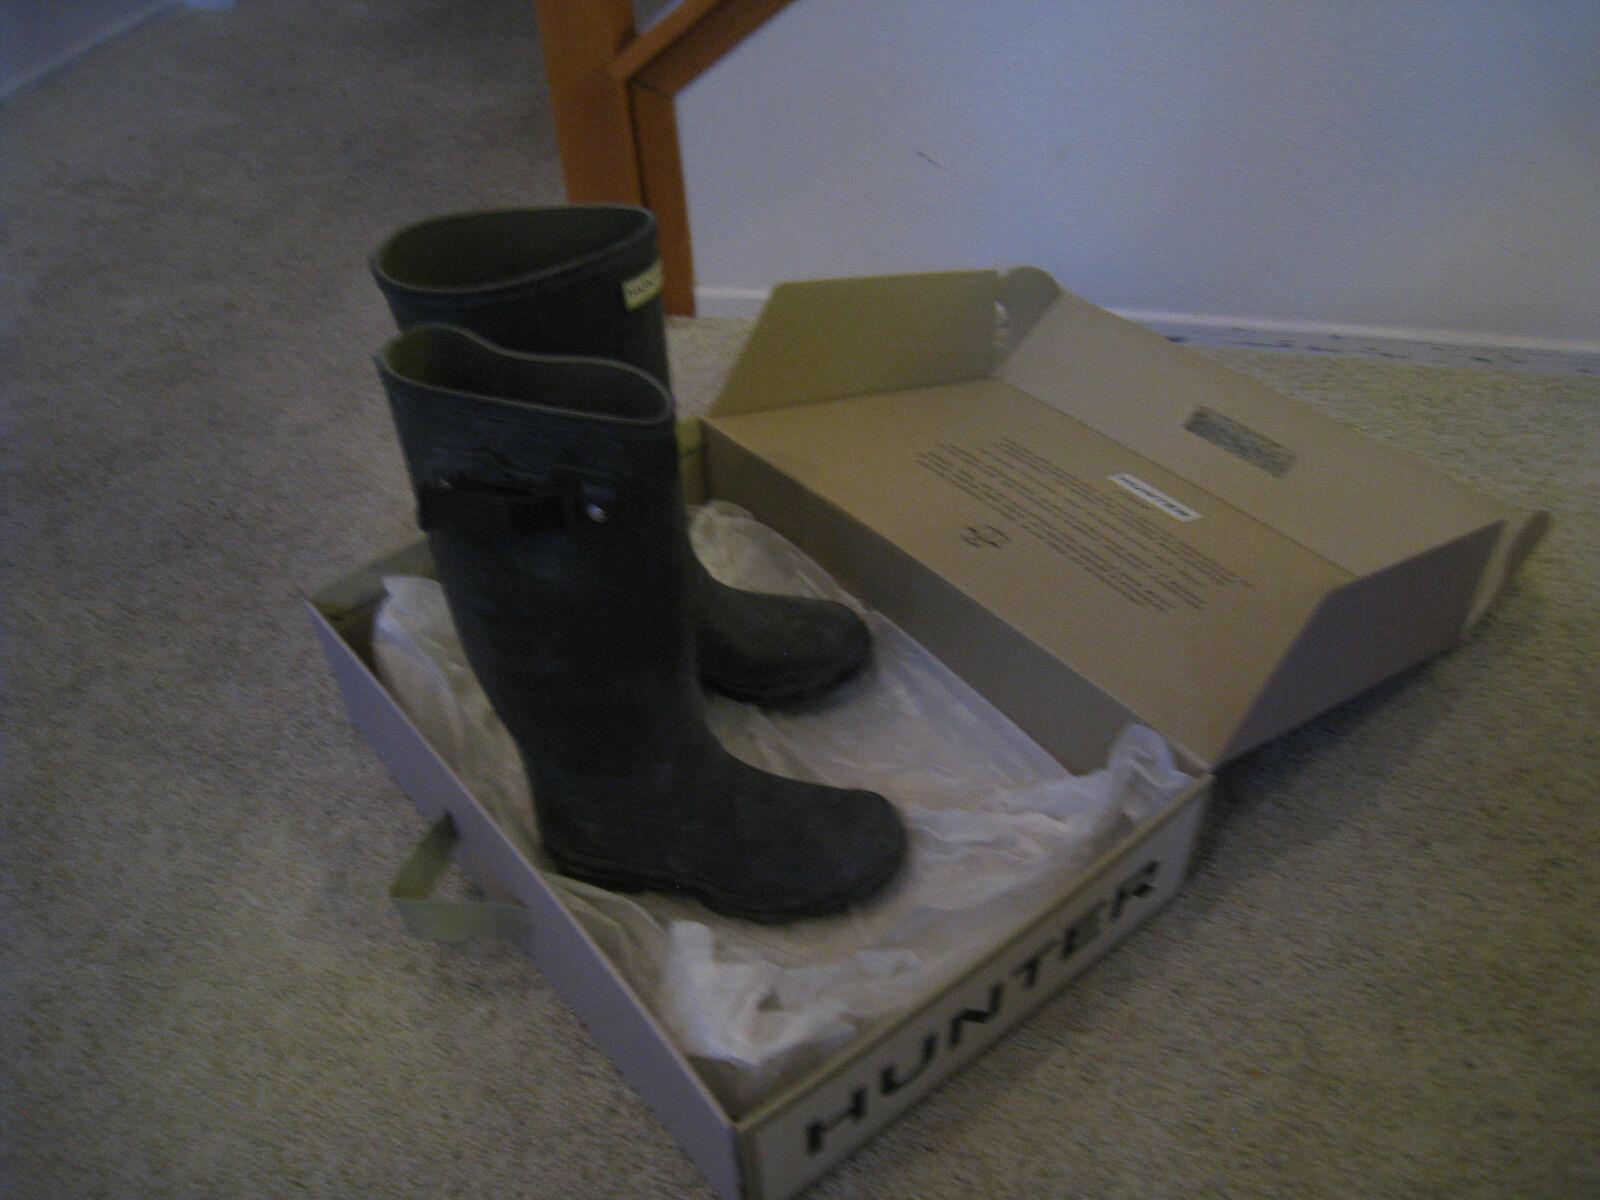 Hunter Women Tall Rain Boots Dark Olive Green Field Huntress Size 5 with Box